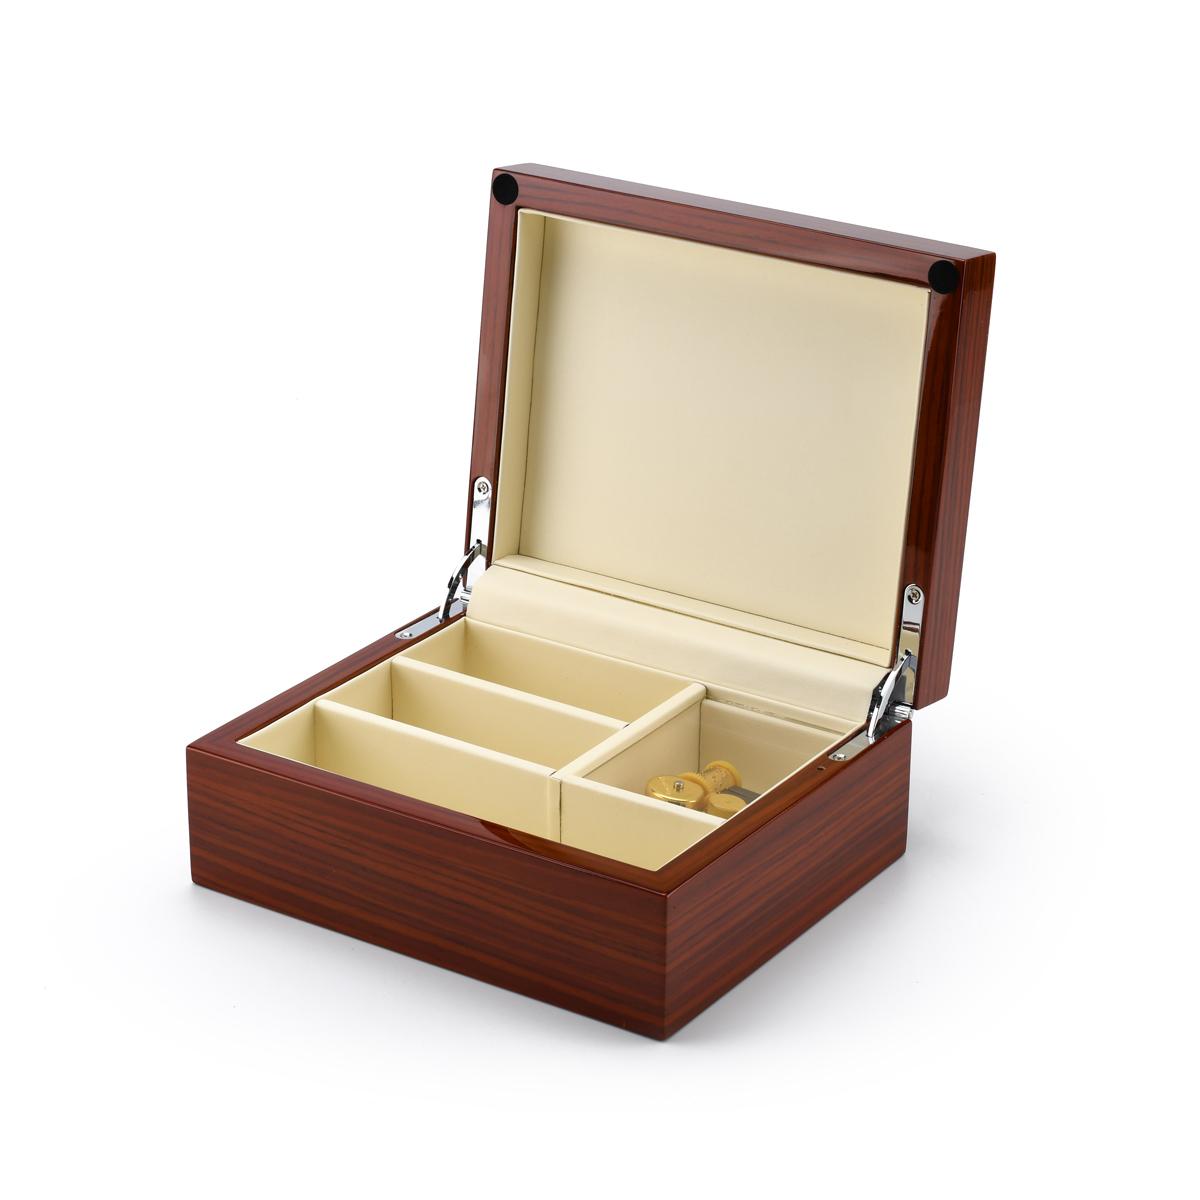 Ultra-Modern 18 Note Hi Gloss SA Wood Finish 5 LCD Video Jewelry Box